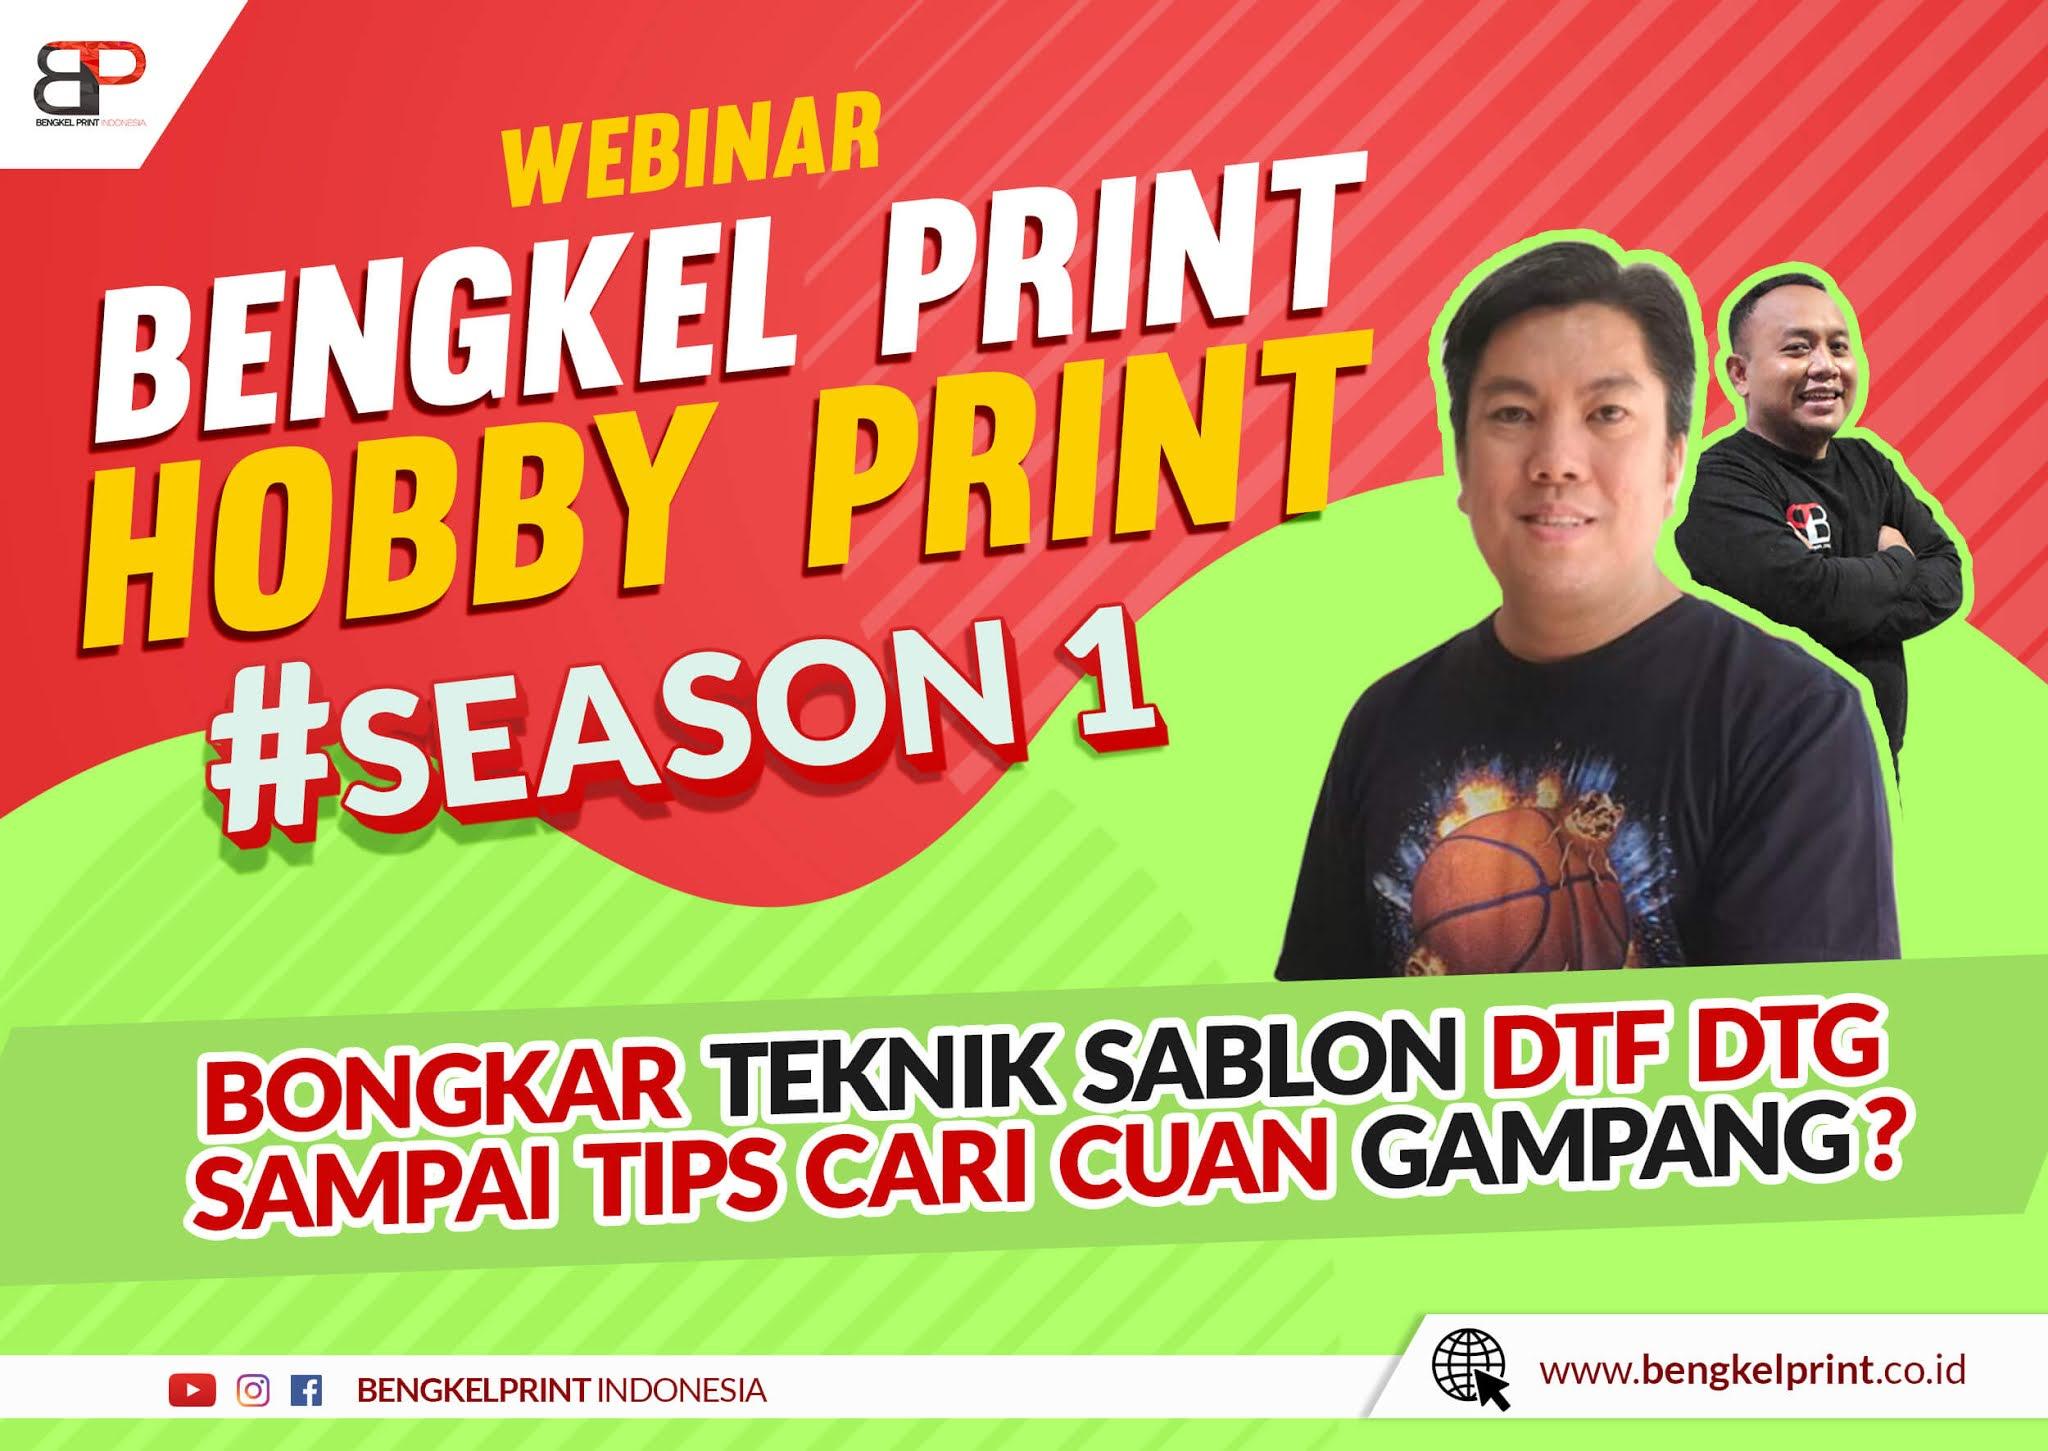 Webinar Bengkel Print x Hobby Print